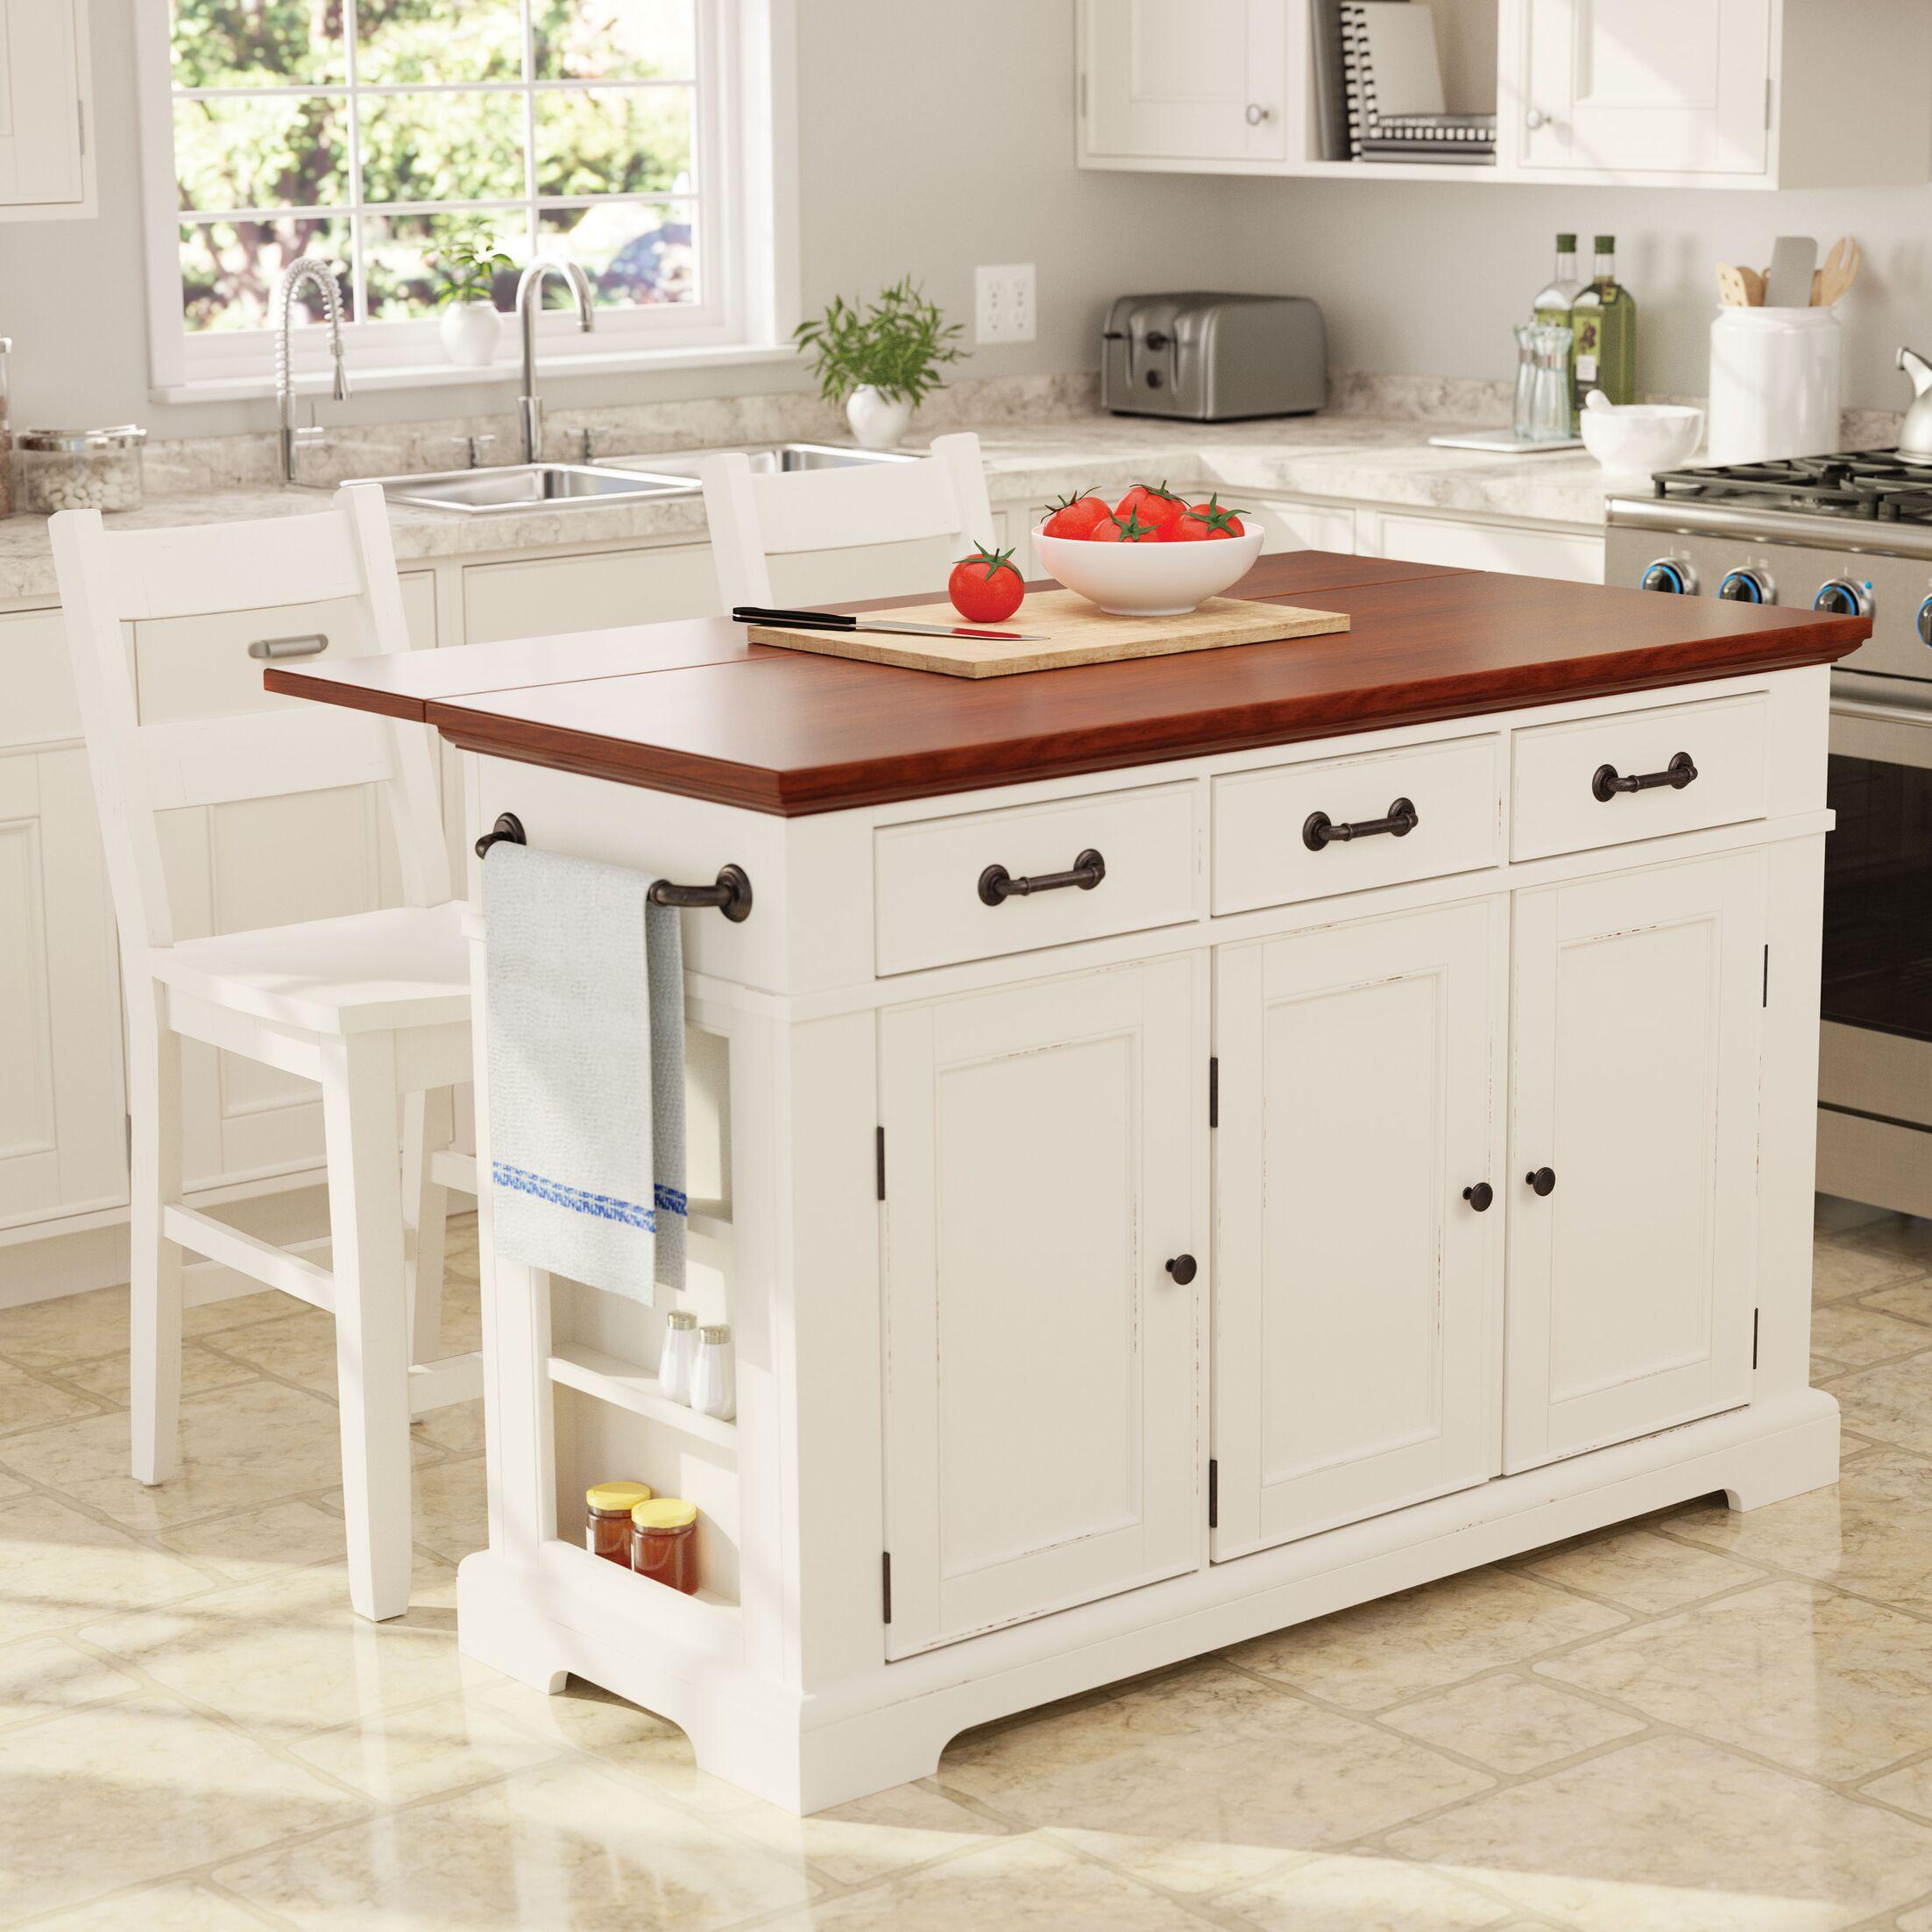 Hewish Kitchen Island Set Finish: Distressed White/Vintage Oak with White Stools